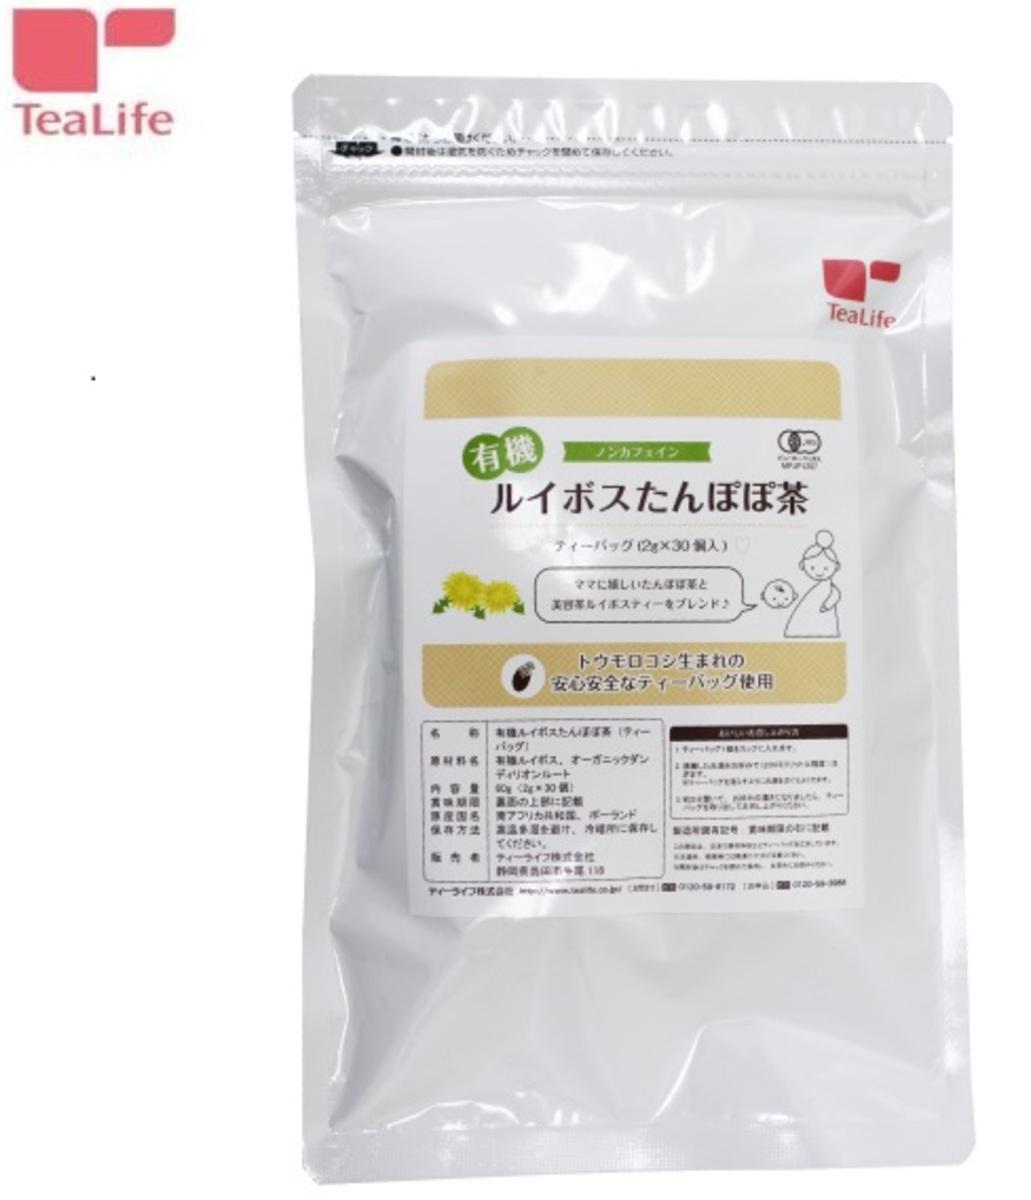 有機蒲公英南非國寶茶 60g (2gx30pcs)